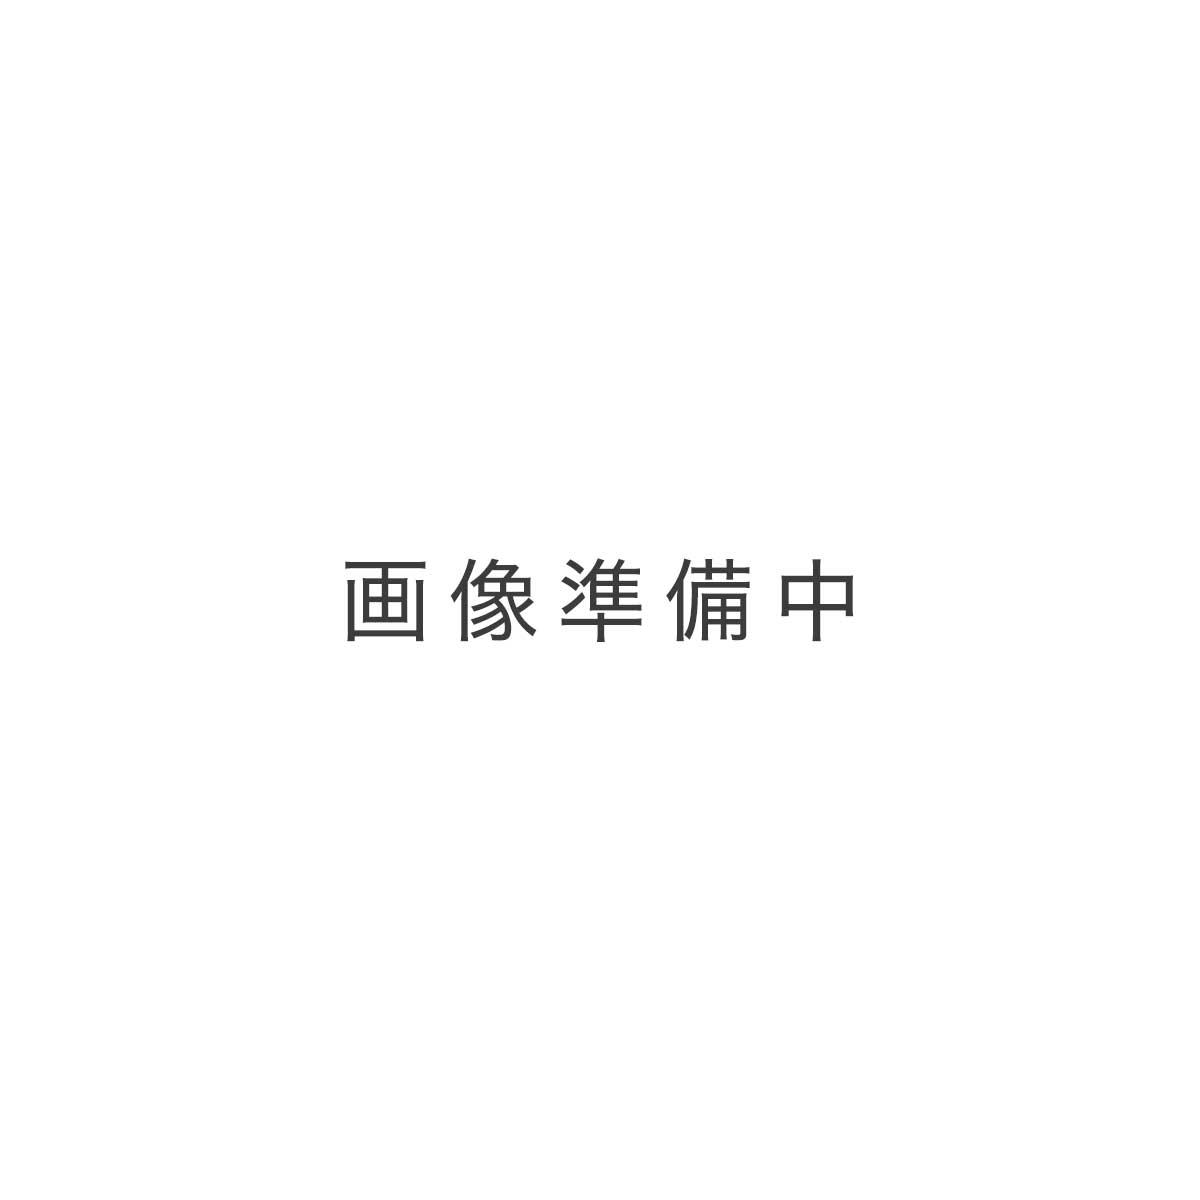 よつ葉 スキムミルク (脱脂粉乳) 1kg【よつ葉乳業 北海道生乳100%使用】